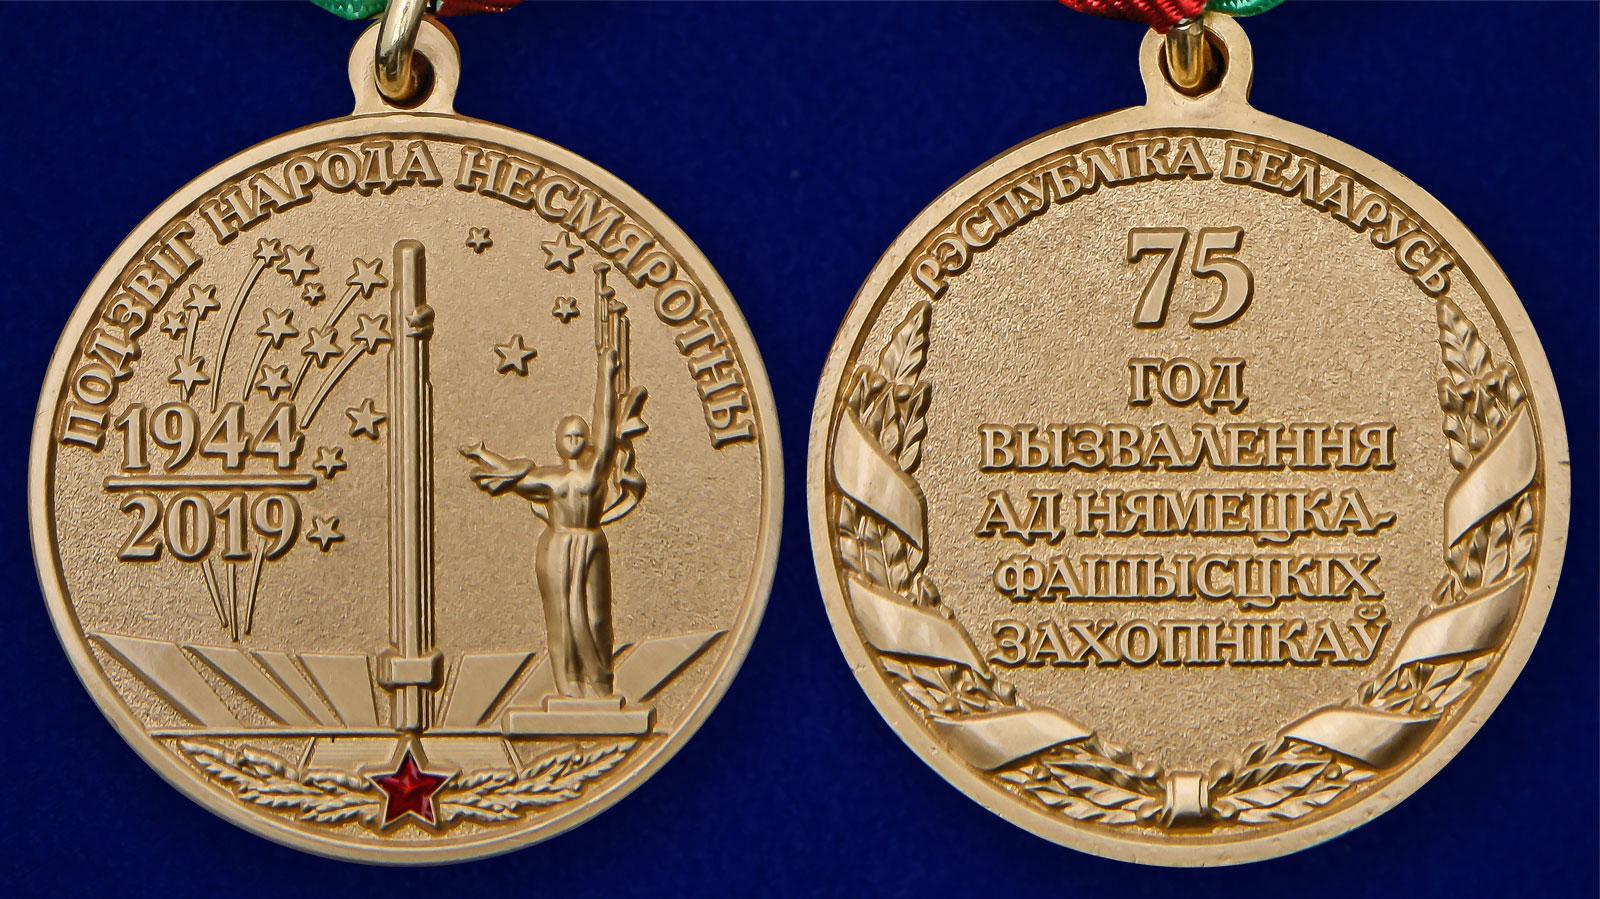 Юбилейная медаль 75 лет освобождения Беларуси от немецко-фашистских захватчиков - аверс и реверс